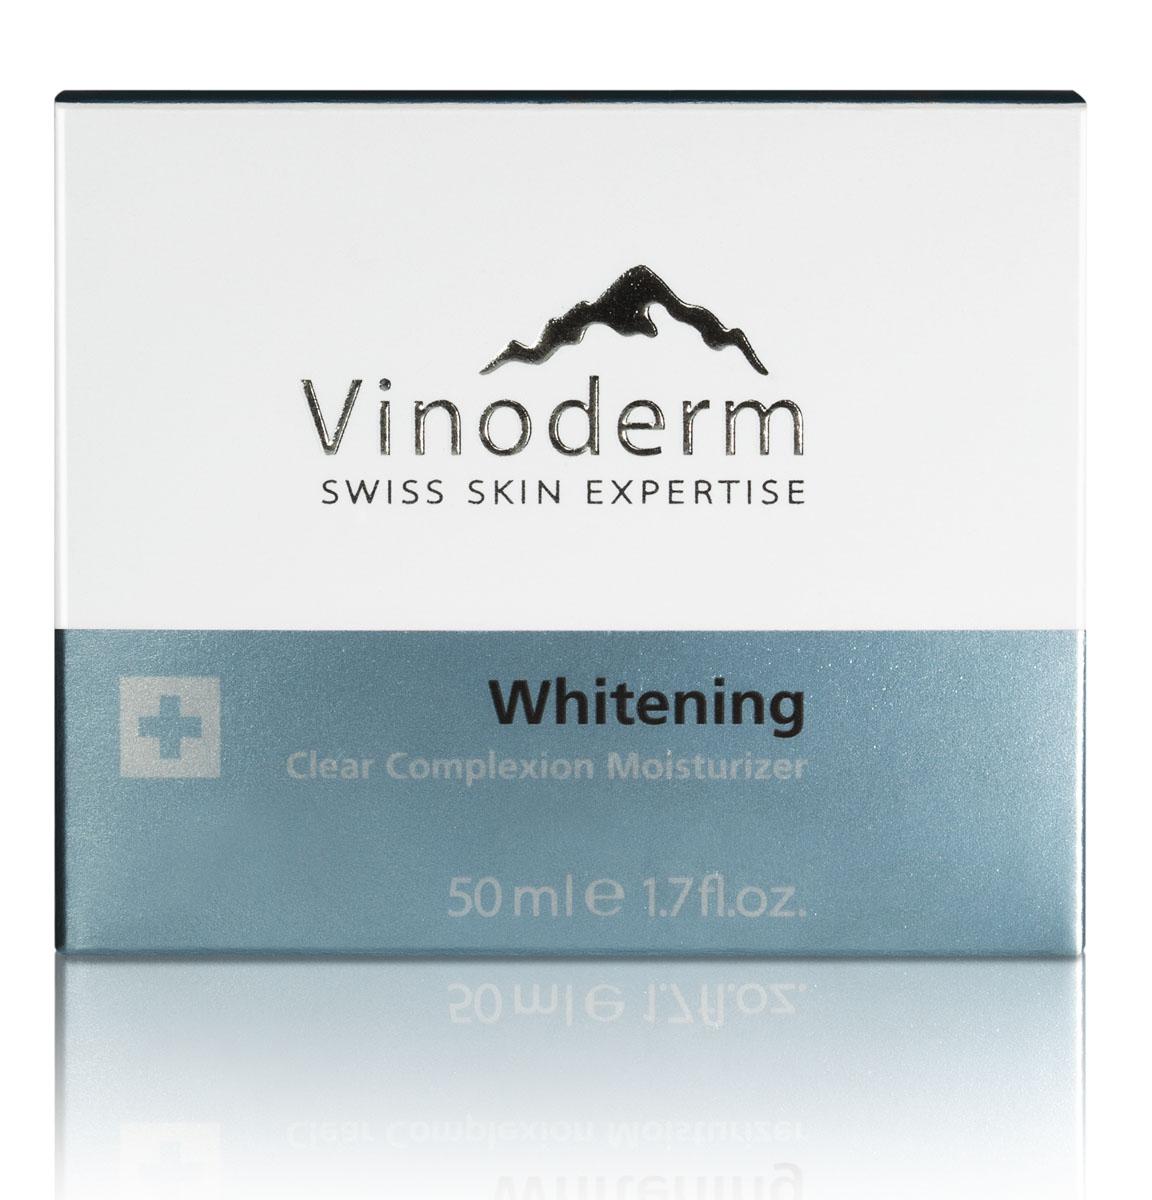 Vinoderm Комплекс осветляющий Whitening для улучшения цвета лица 50мл38018Шелковистый крем превосходно выравнивает тон кожи и обеспечивает длительное увлажнение и защиту от свободных радикалов. Благодаря экстракту виноградной косточки, новому осветляющему комплексу и гиалуроновой кислоте, крем эффективно осветляет кожу и борется с пигментными пятнами различного происхождения. Специальный увлажняющий комплекс наполняет кожу влагой. Ваша кожа становится безупречной и приобретает идеально ровный тон.